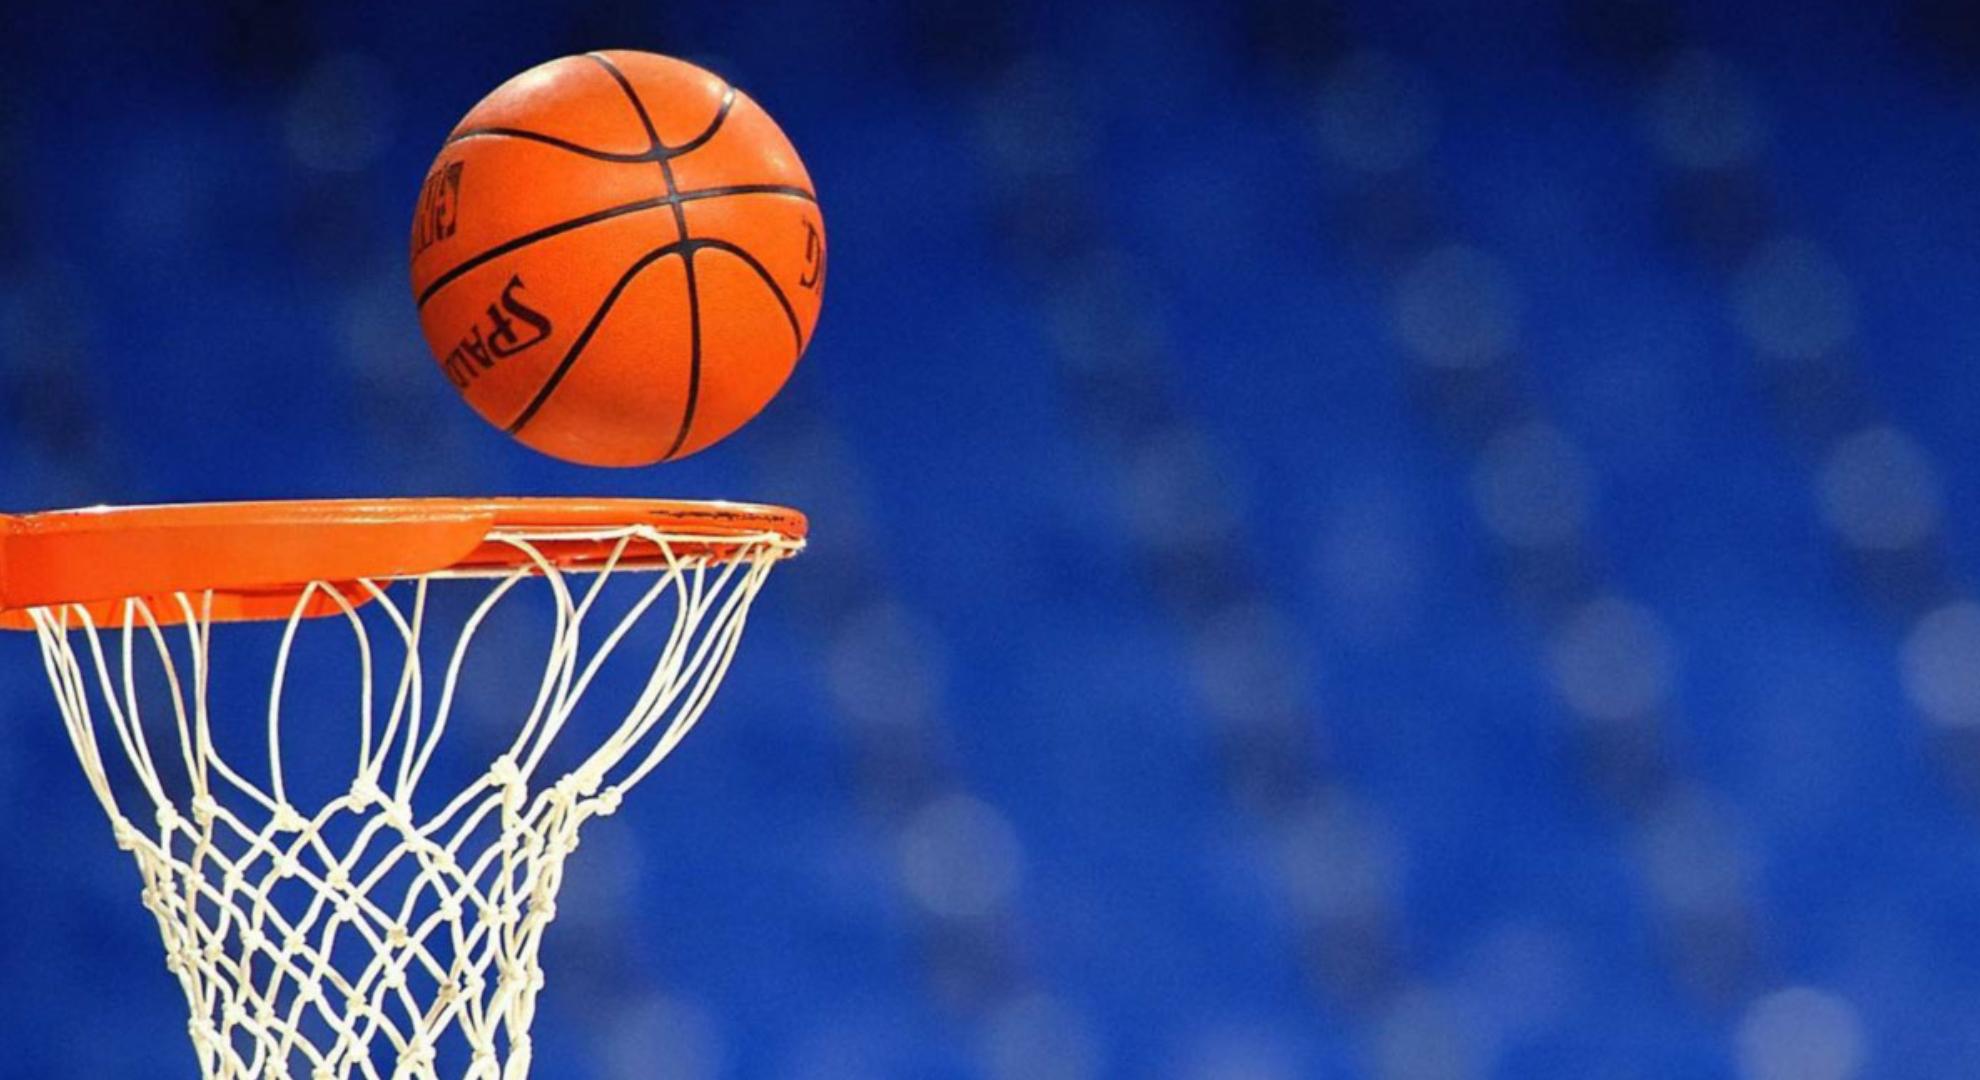 basquetebol 3